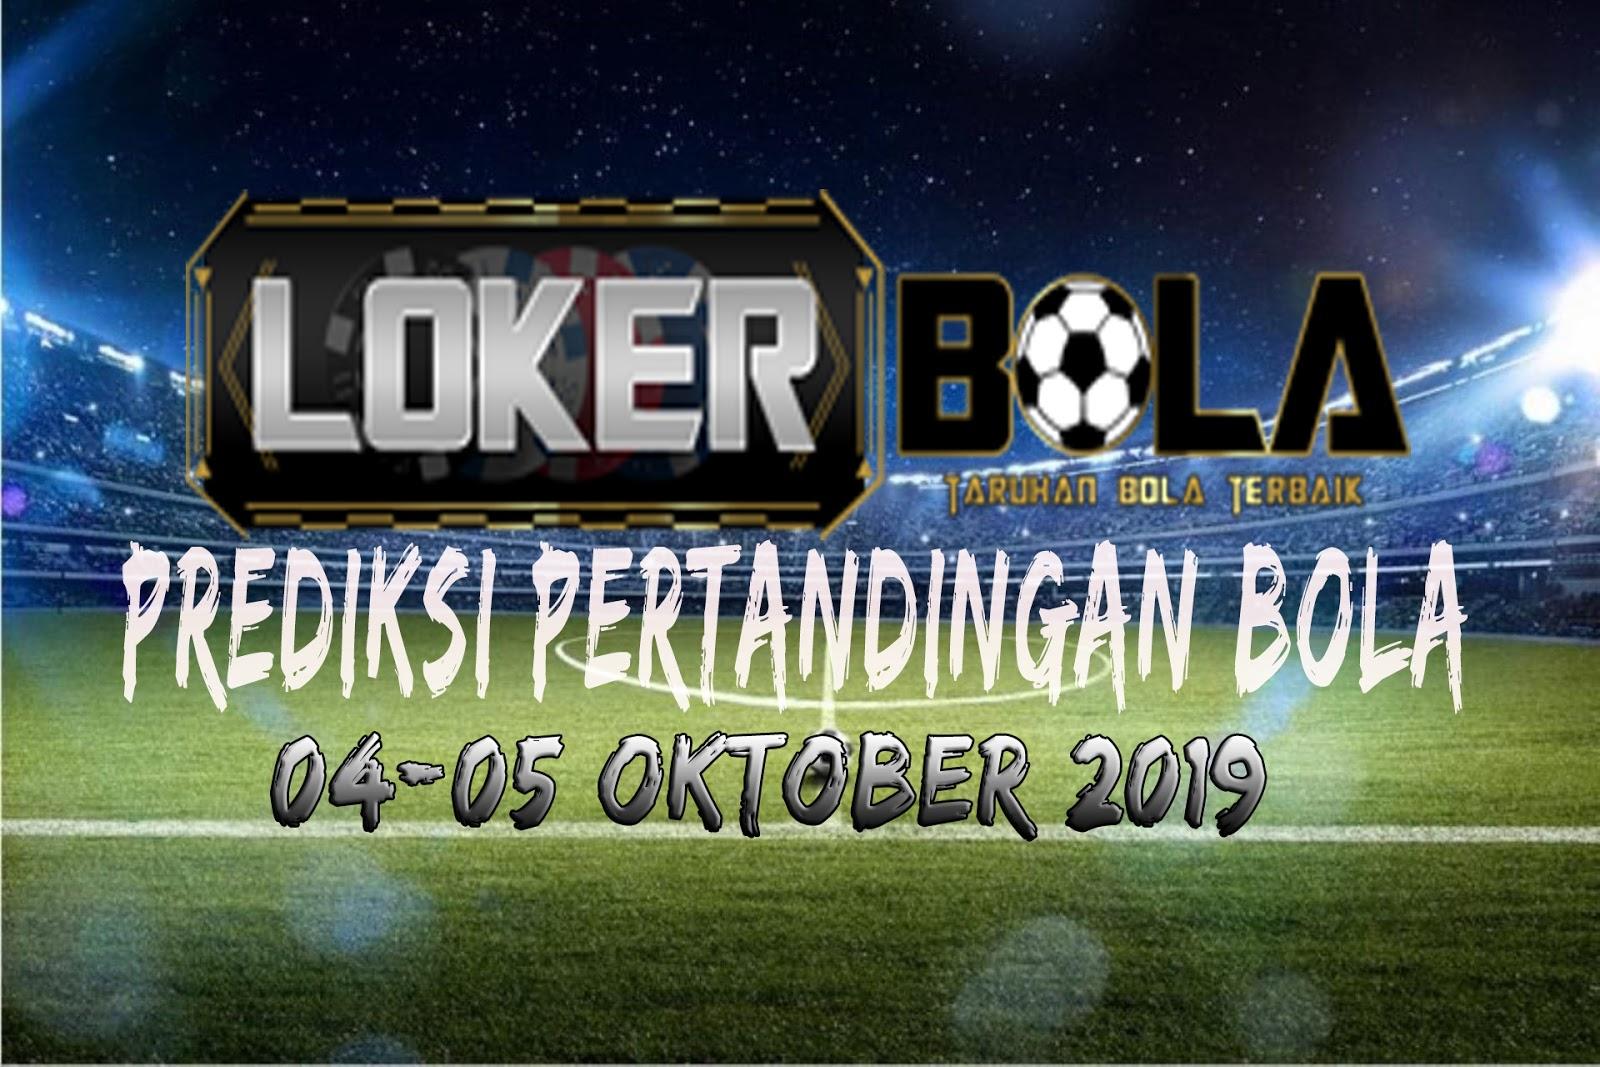 PREDIKSI PERTANDINGAN BOLA 04 – 05 OKTOBER 2019